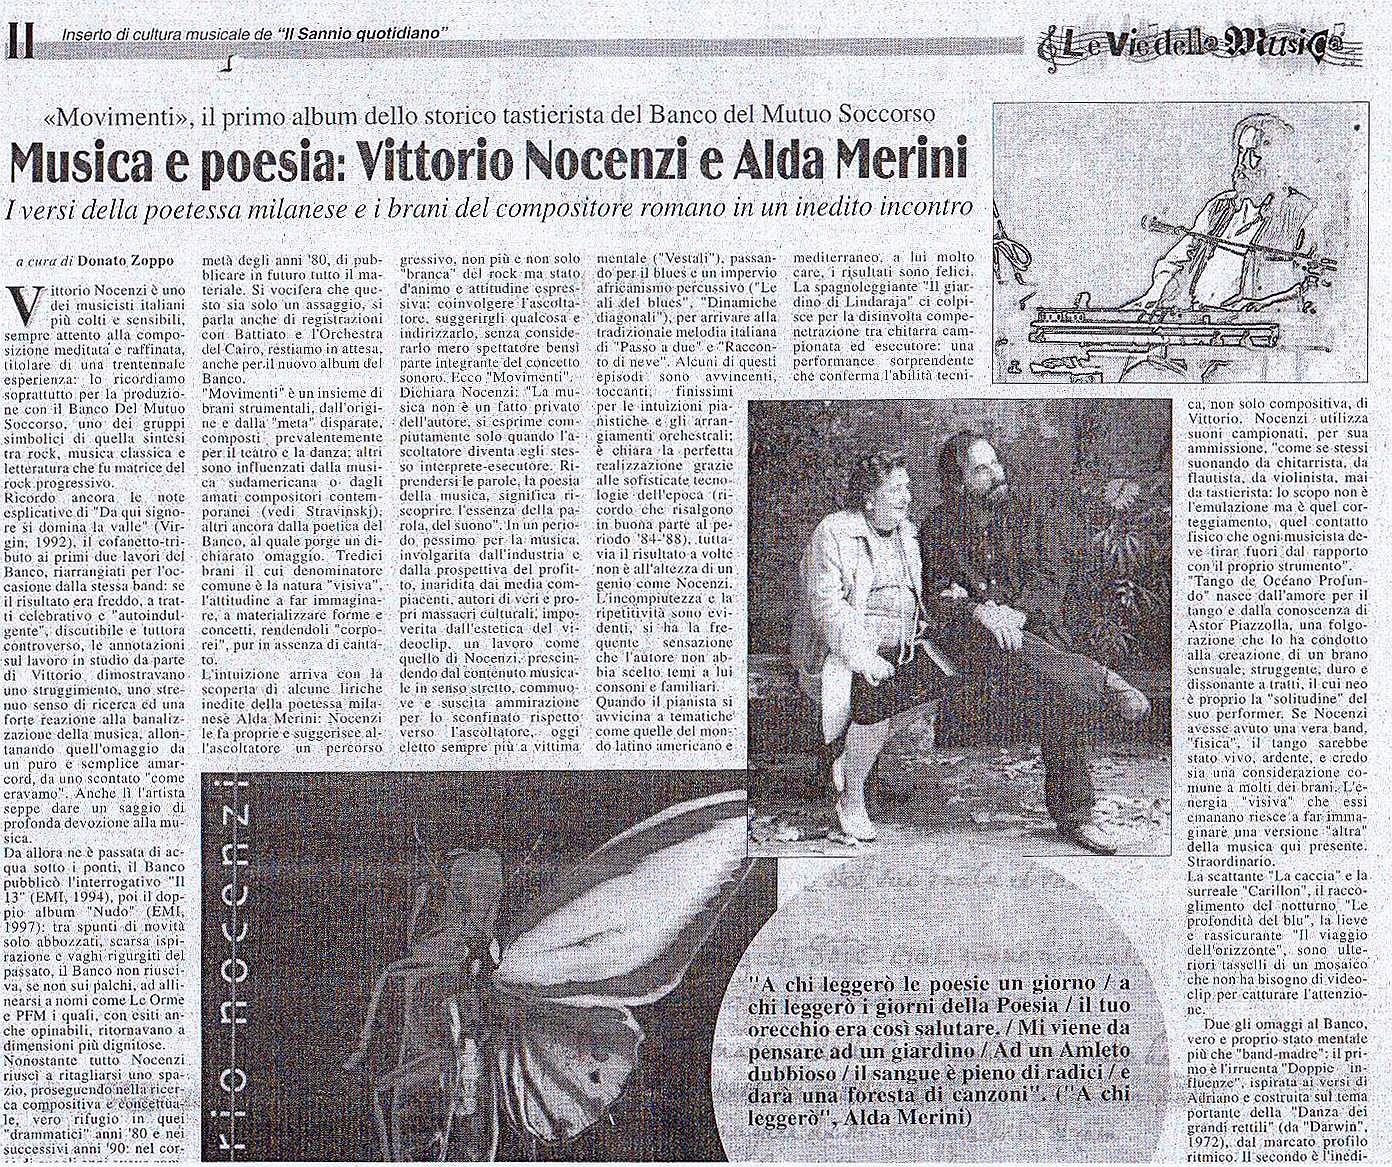 VDM 14 marzo 2003